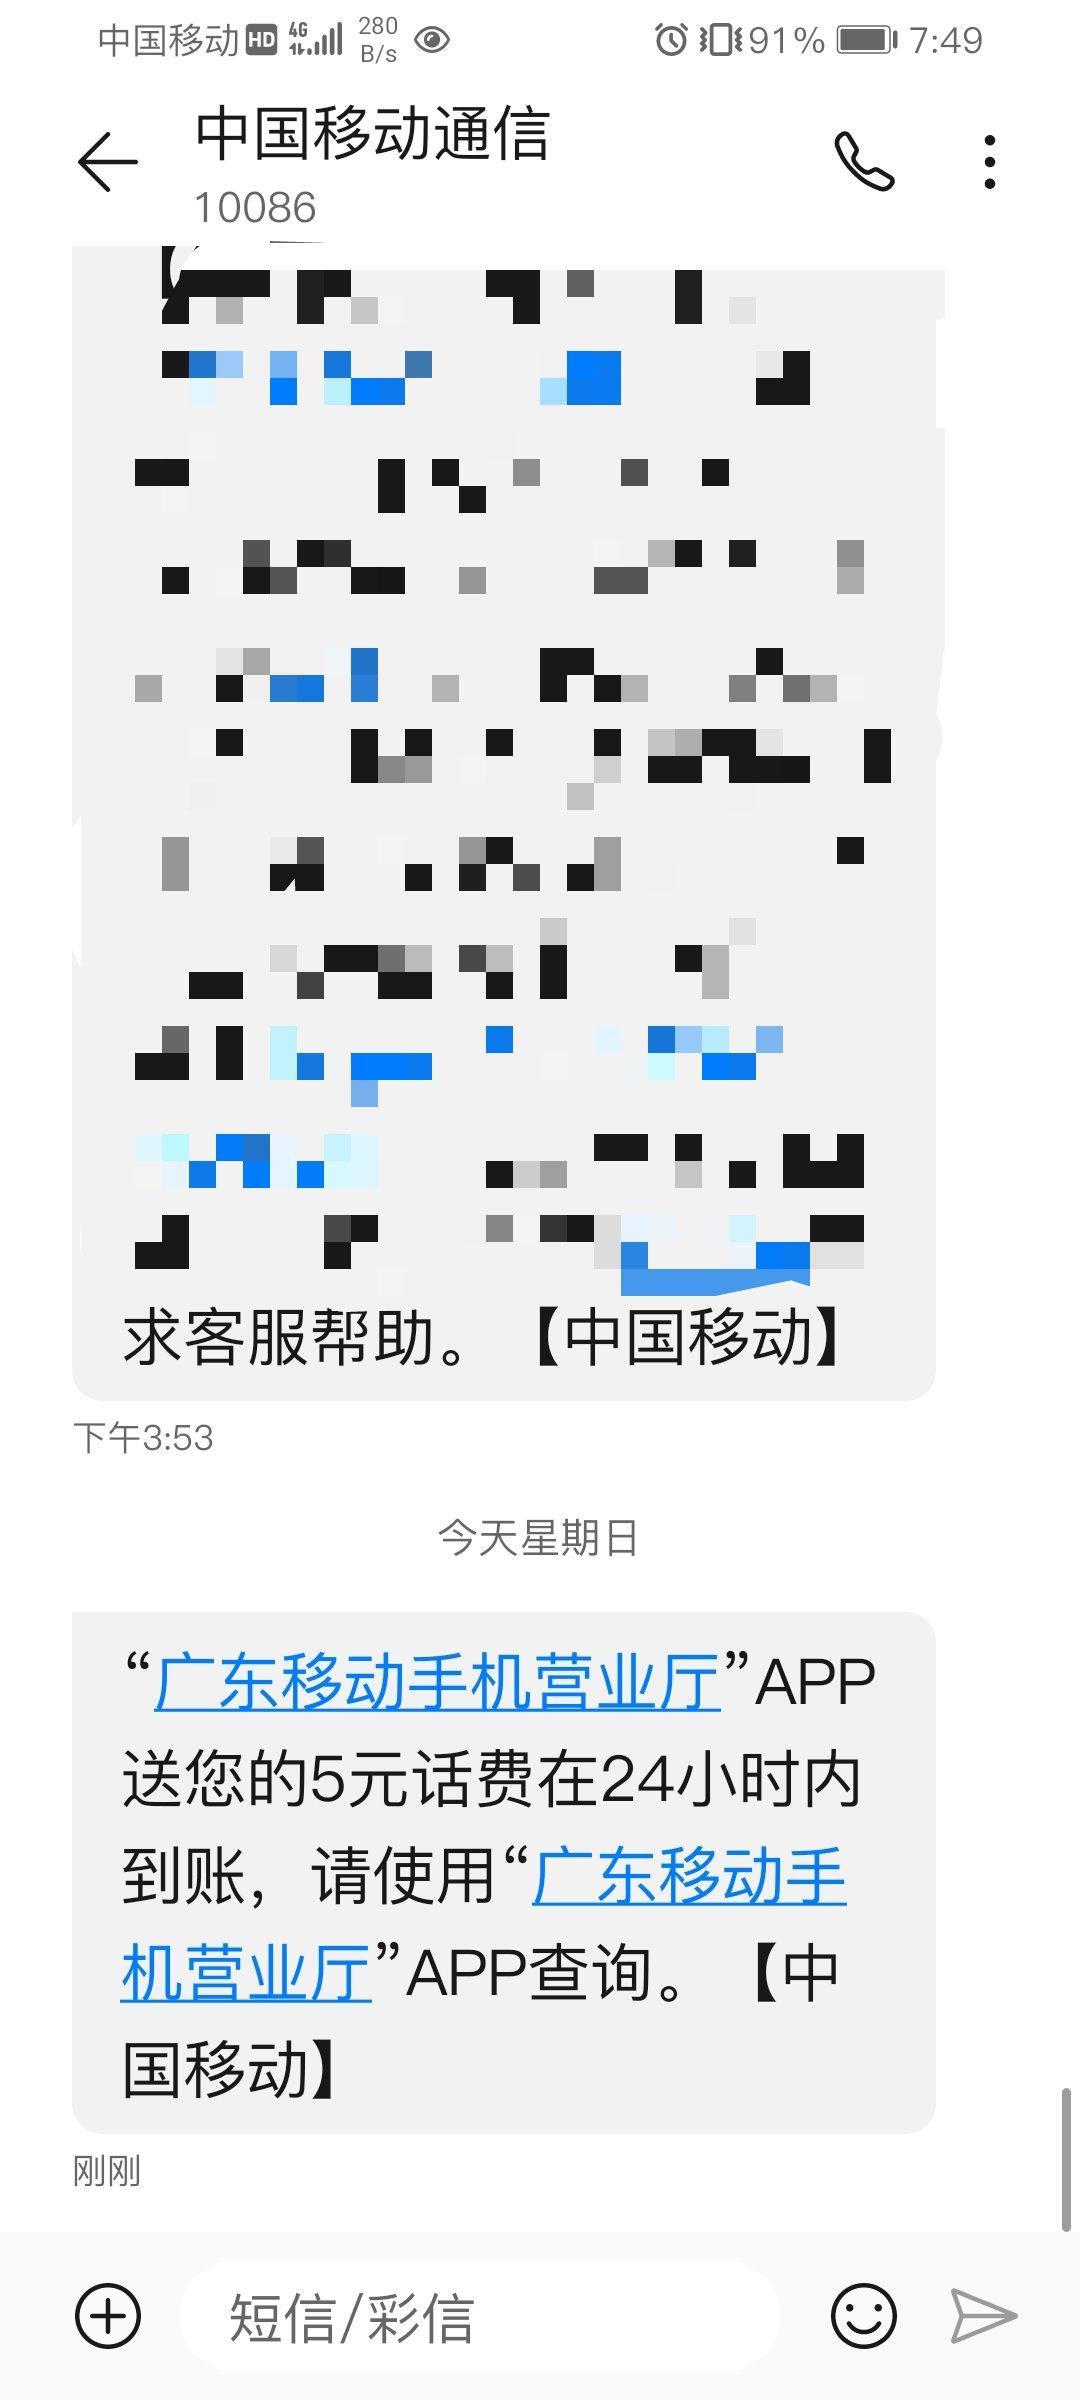 【话费流量】广东移动领5元话费-聚合资源网